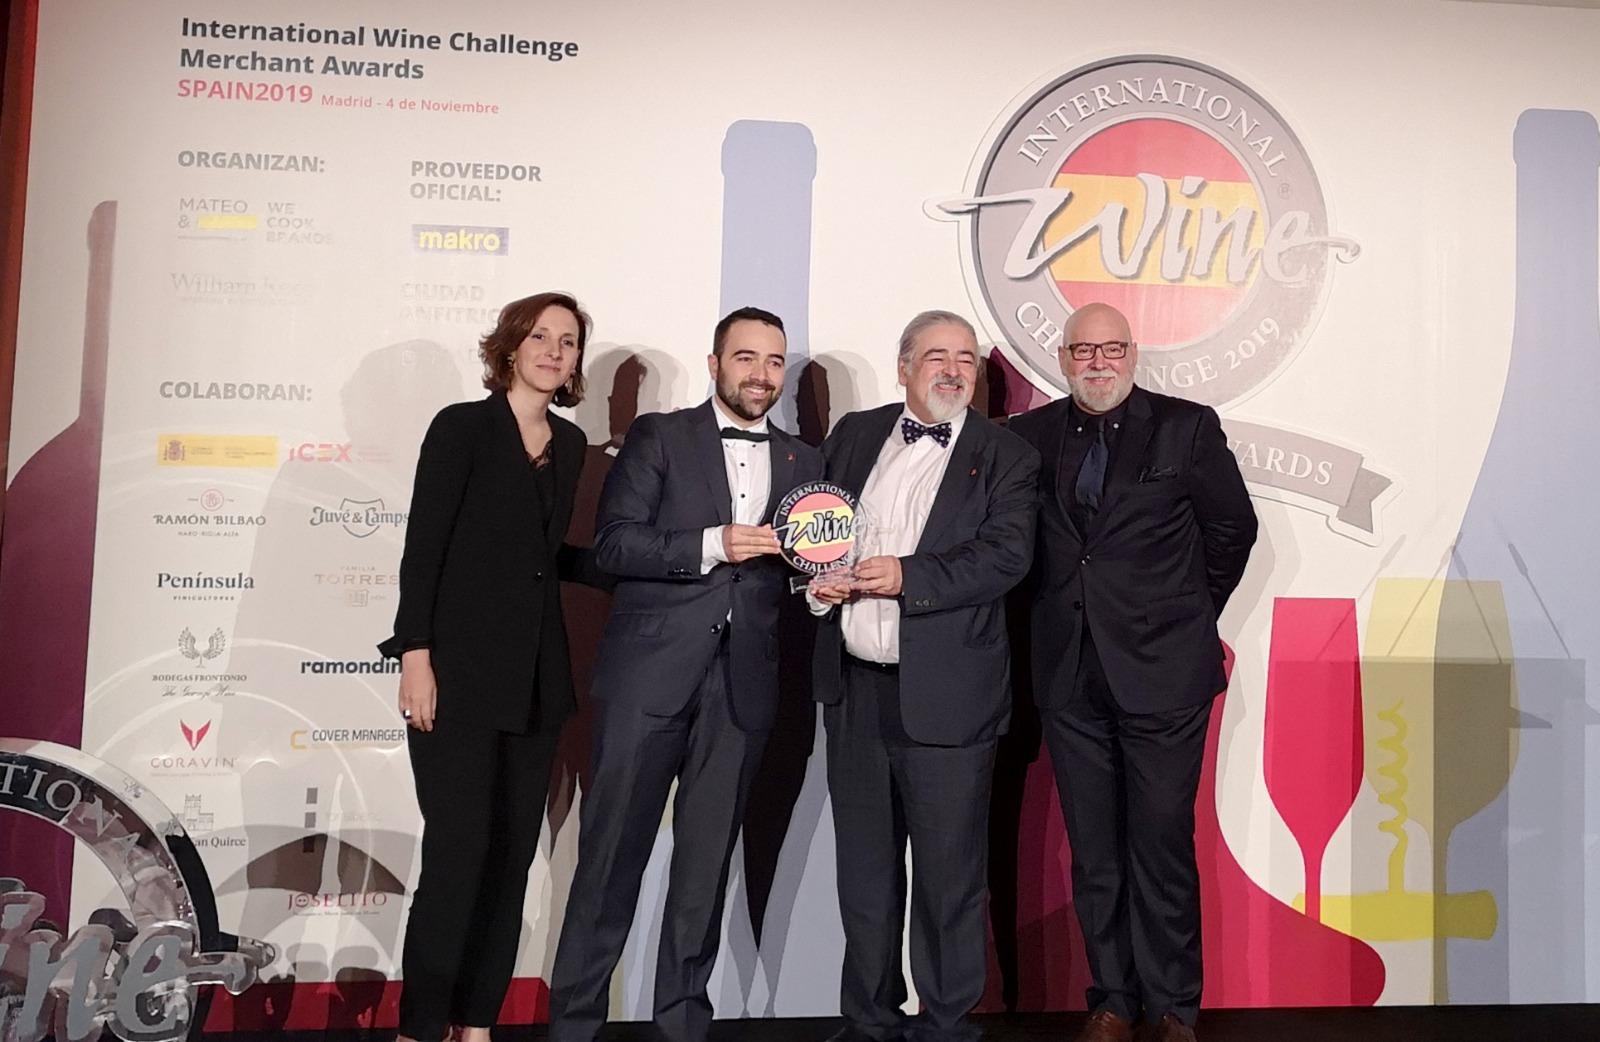 La Guía de vinos, destilados y bodegas de Galicia, recibe el prestigioso premio IWC Merchant Awards del Reino Unido